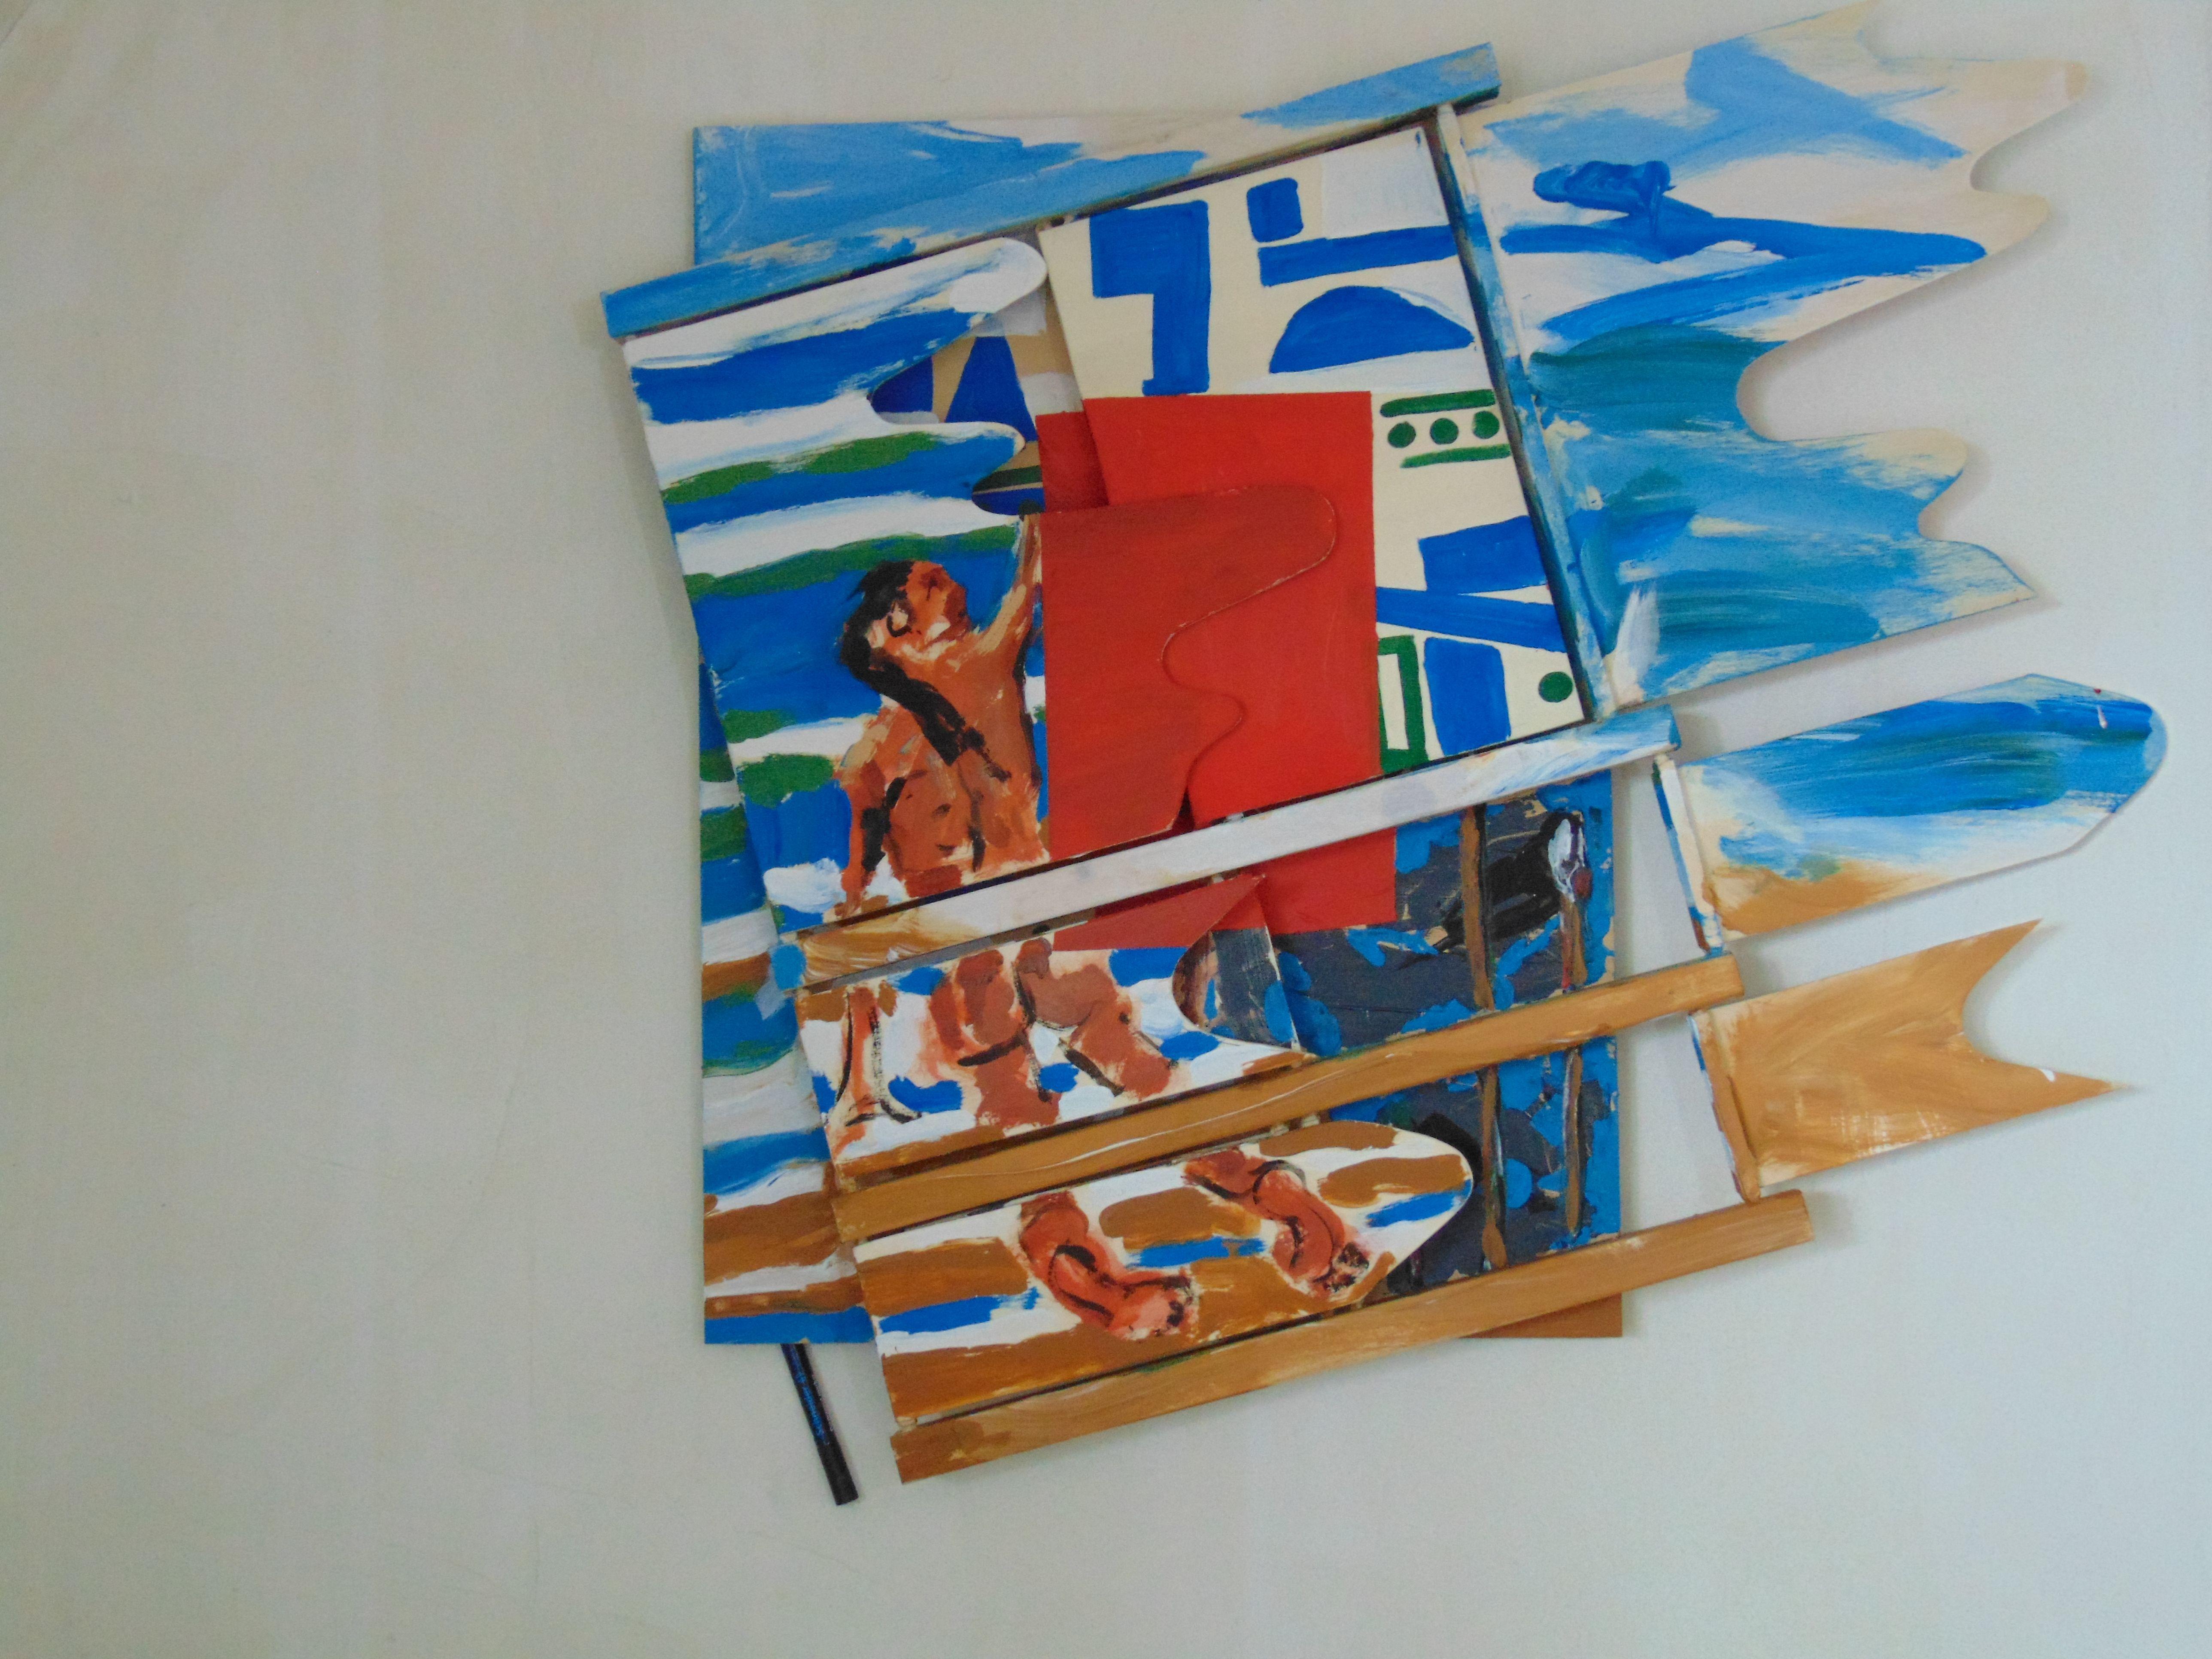 Mann mit roter Fläche inmitten von Blau, Weiß, Braun